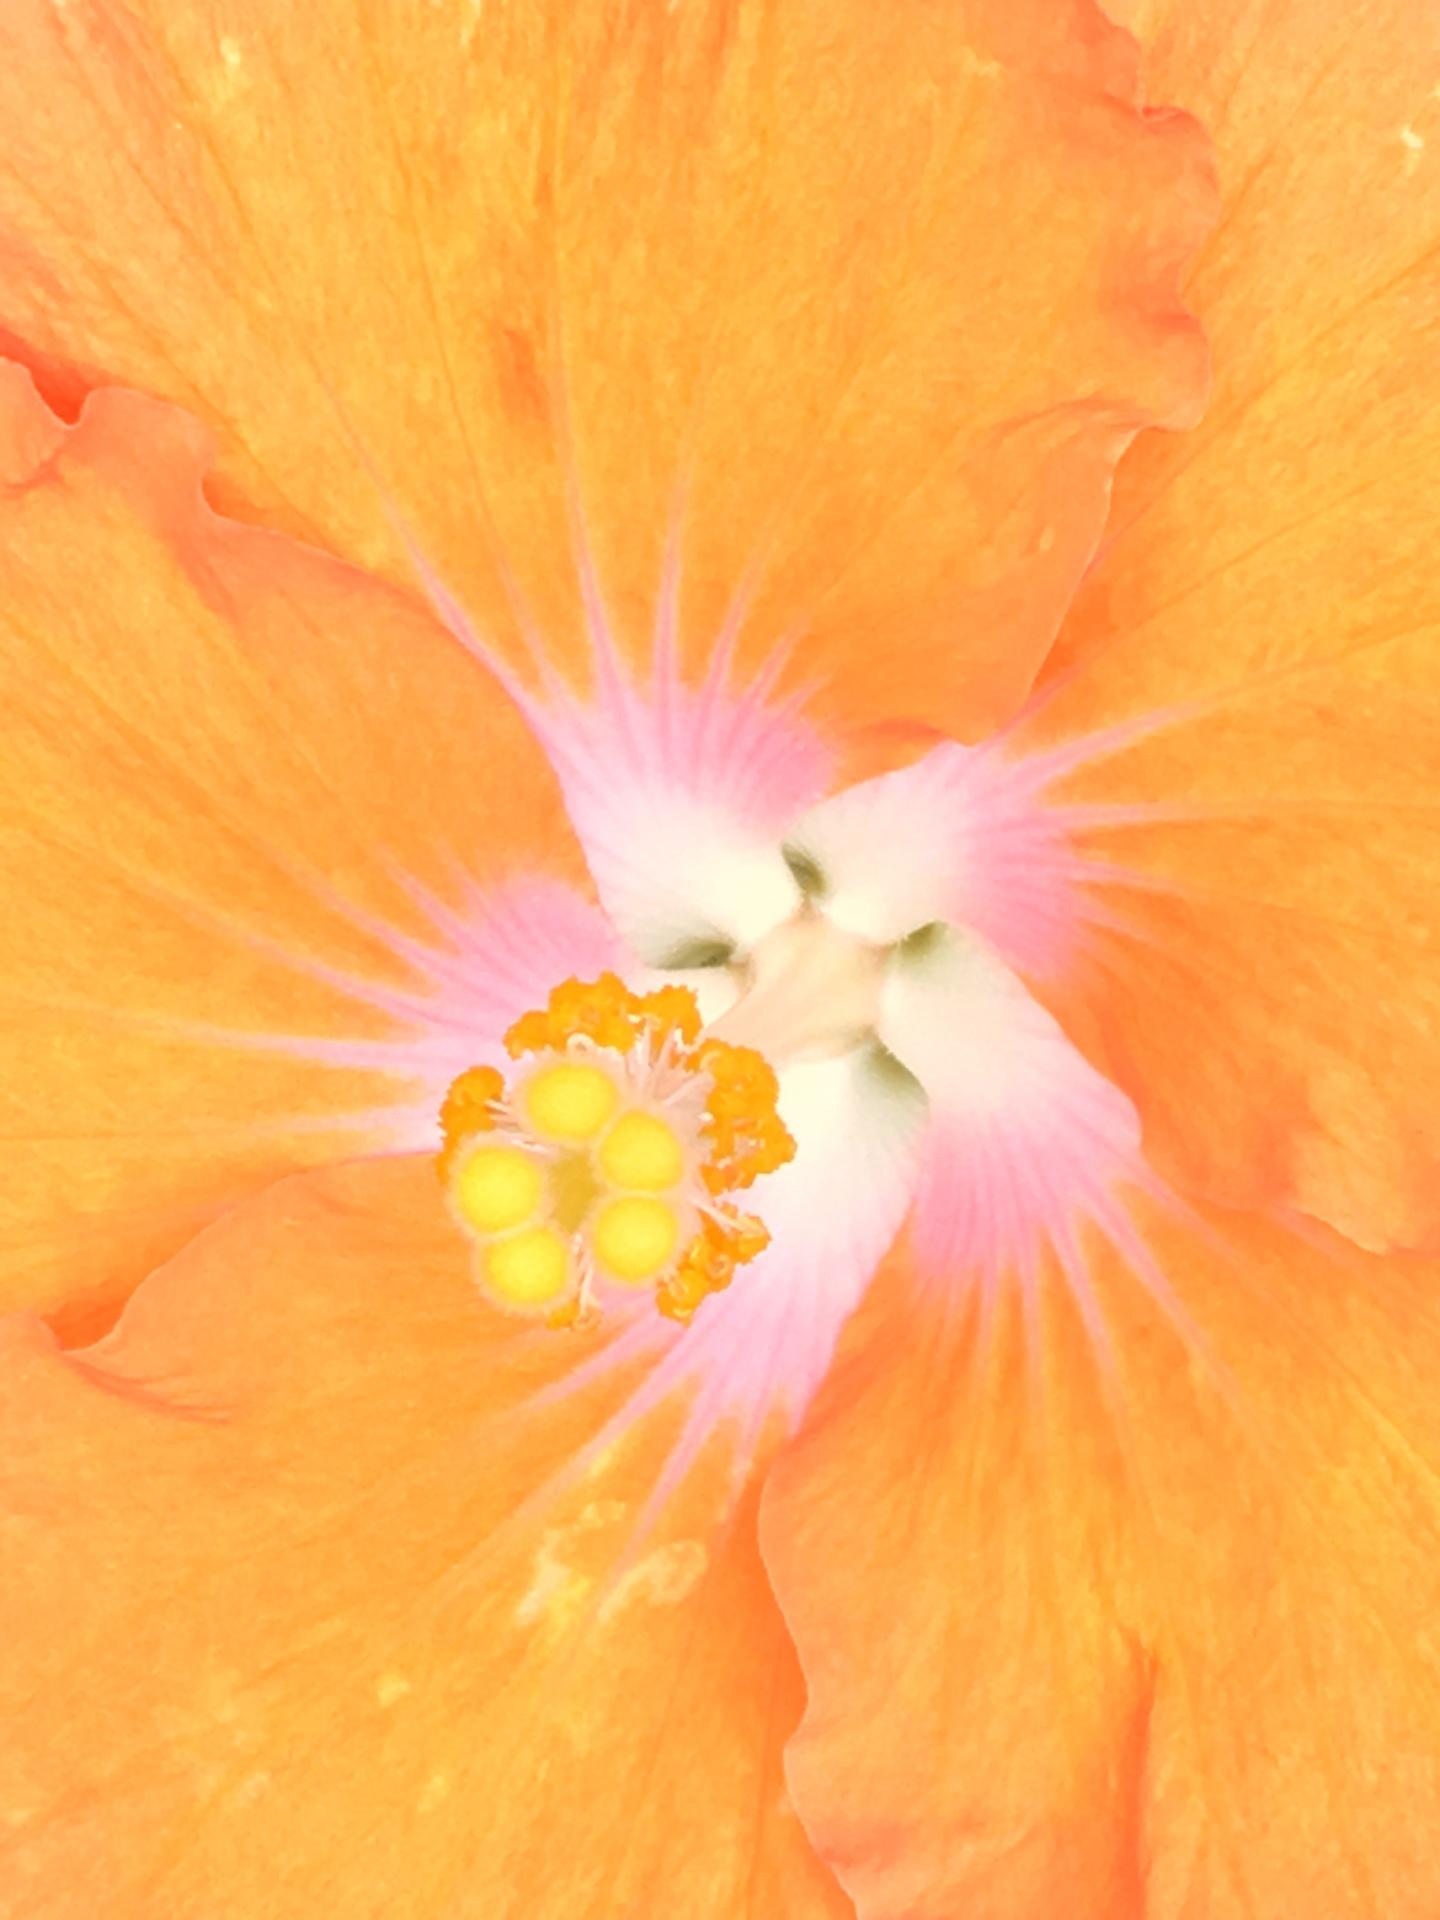 Hibiscus, Digital Still-Life Photography by Artist Mindy Lichter. MLICHTER fINE ART dESIGN